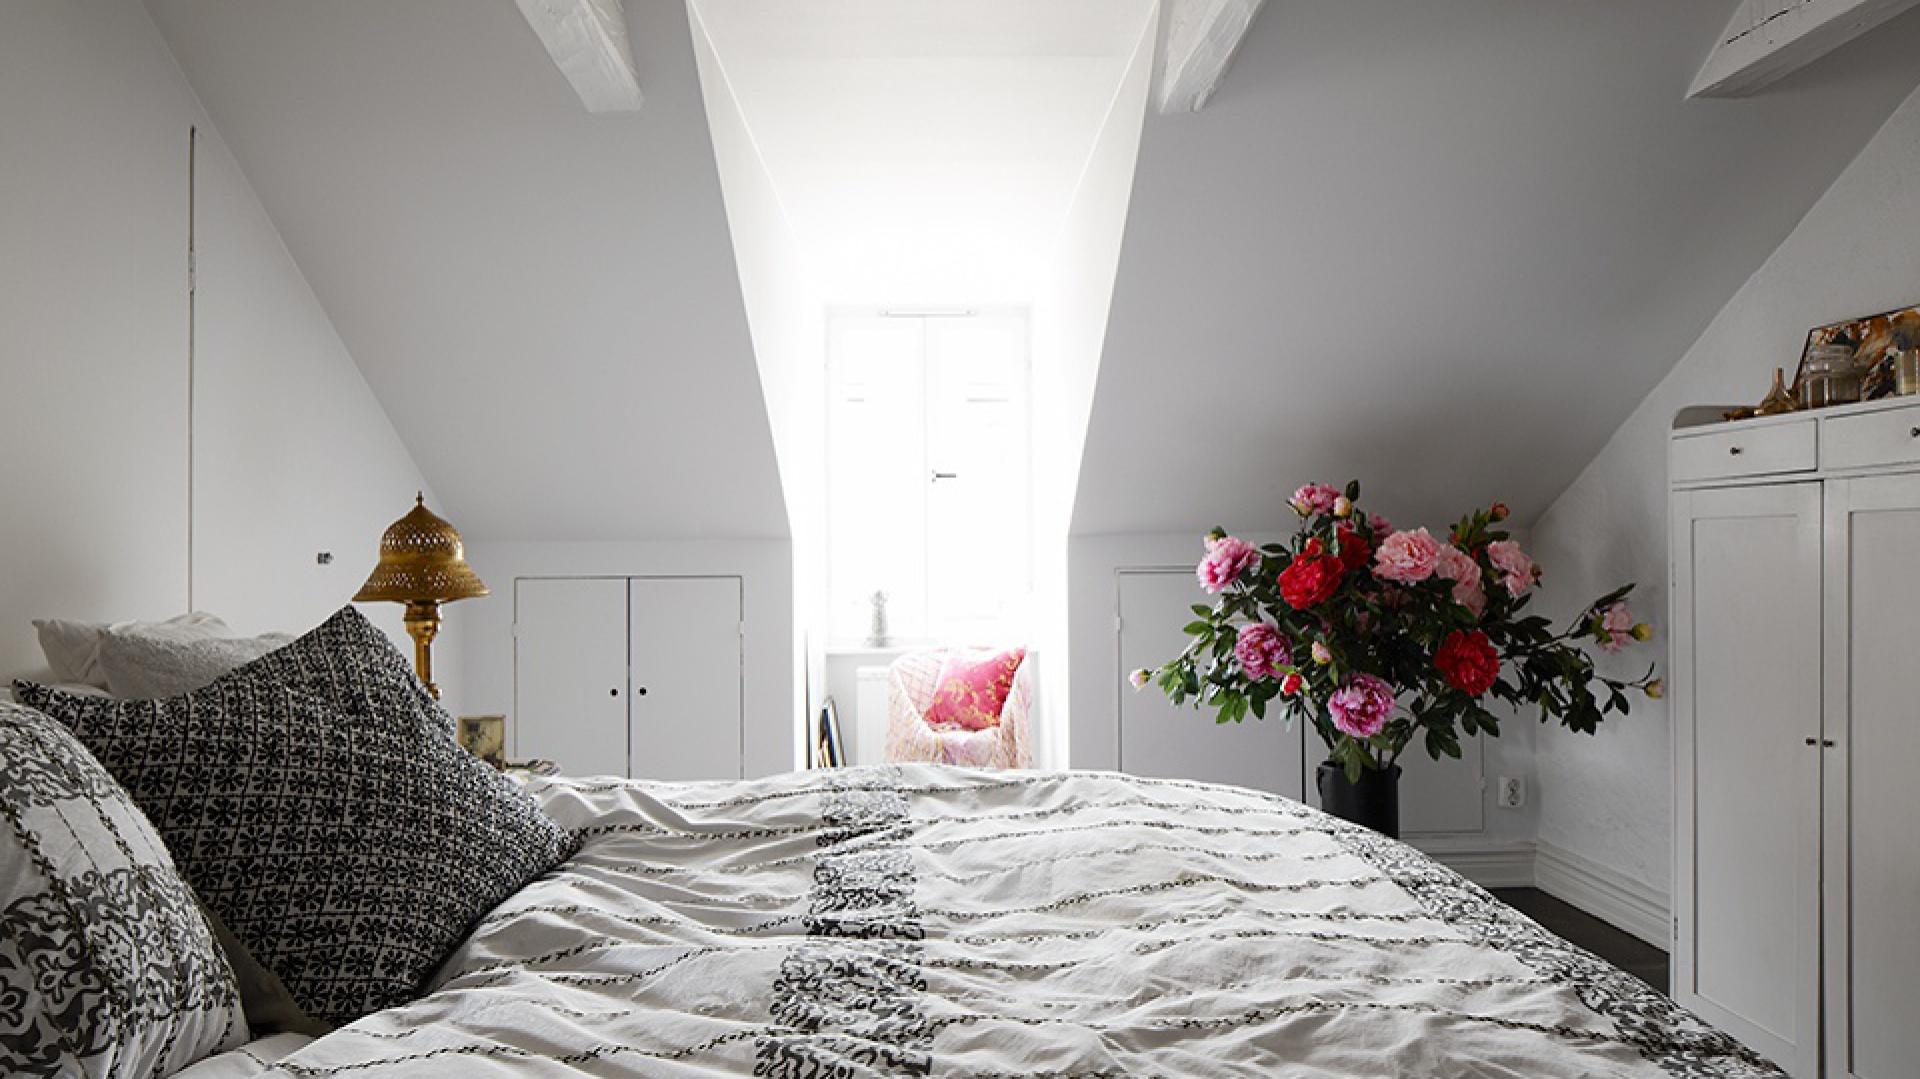 Biała sypialnia urządzona w...  Sypialnia na poddaszu. Zobacz 12 ciekawych aranżacji  Strona: 14